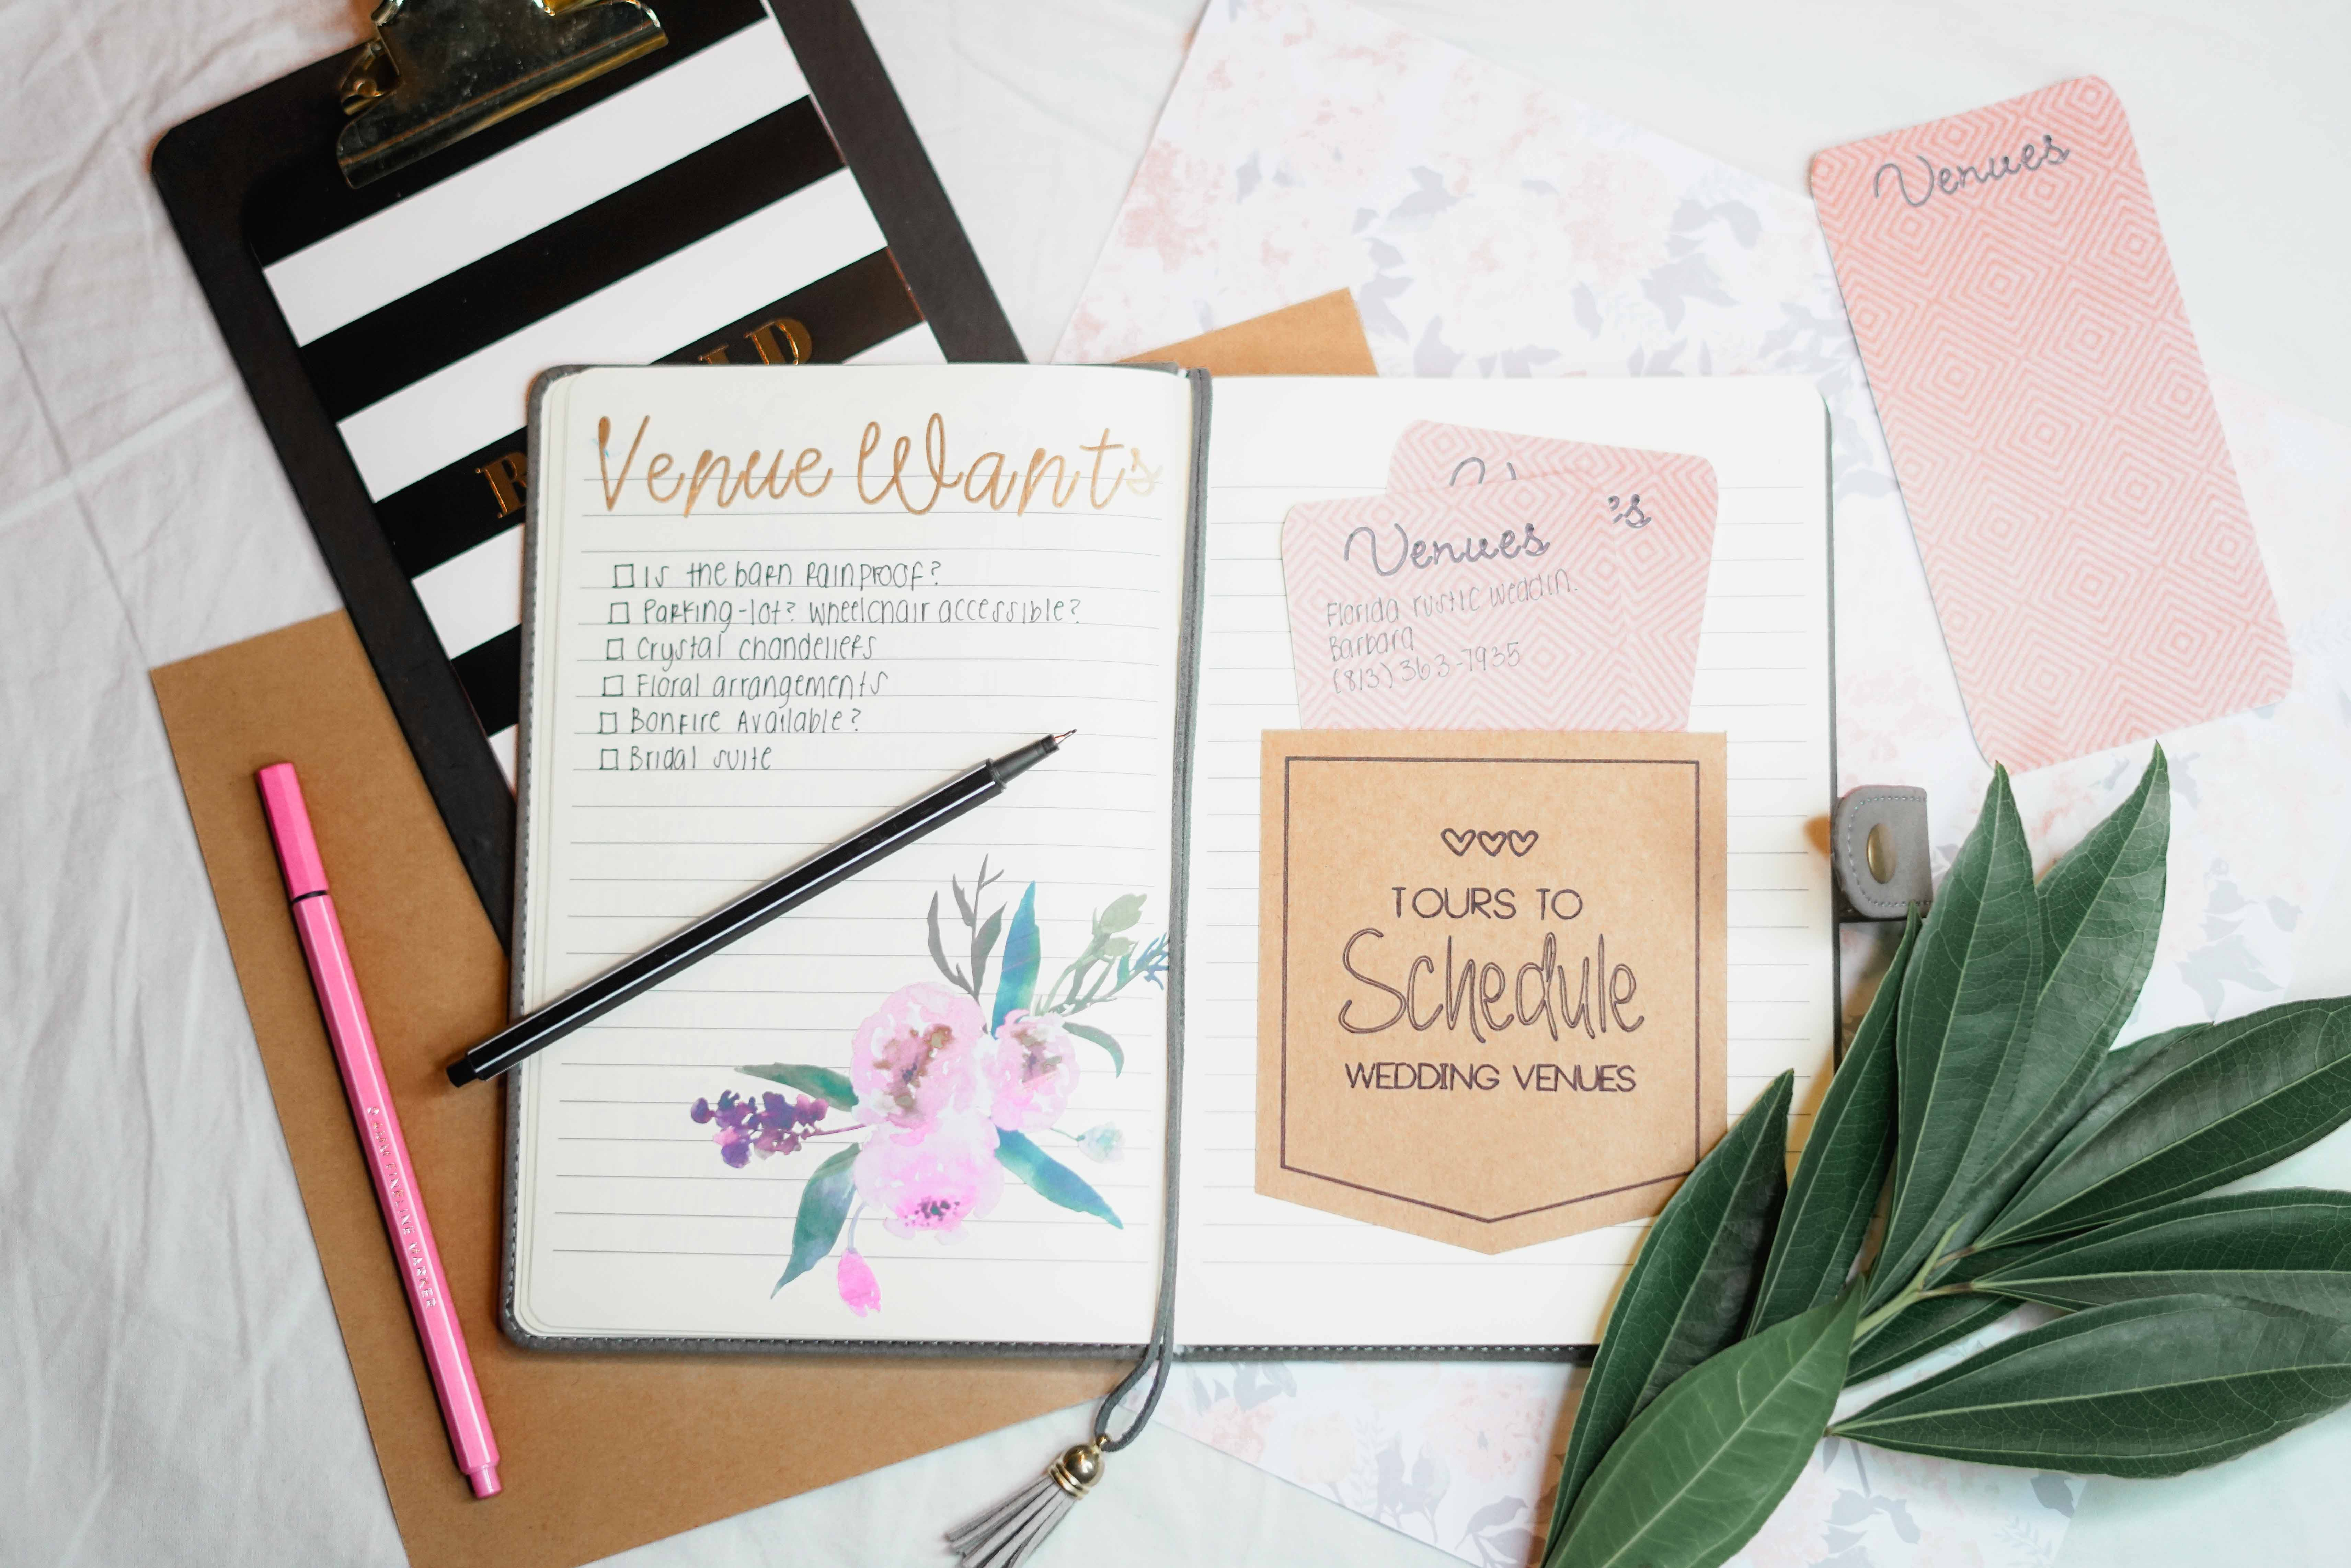 bolígrafos, cuaderno, escribiendo